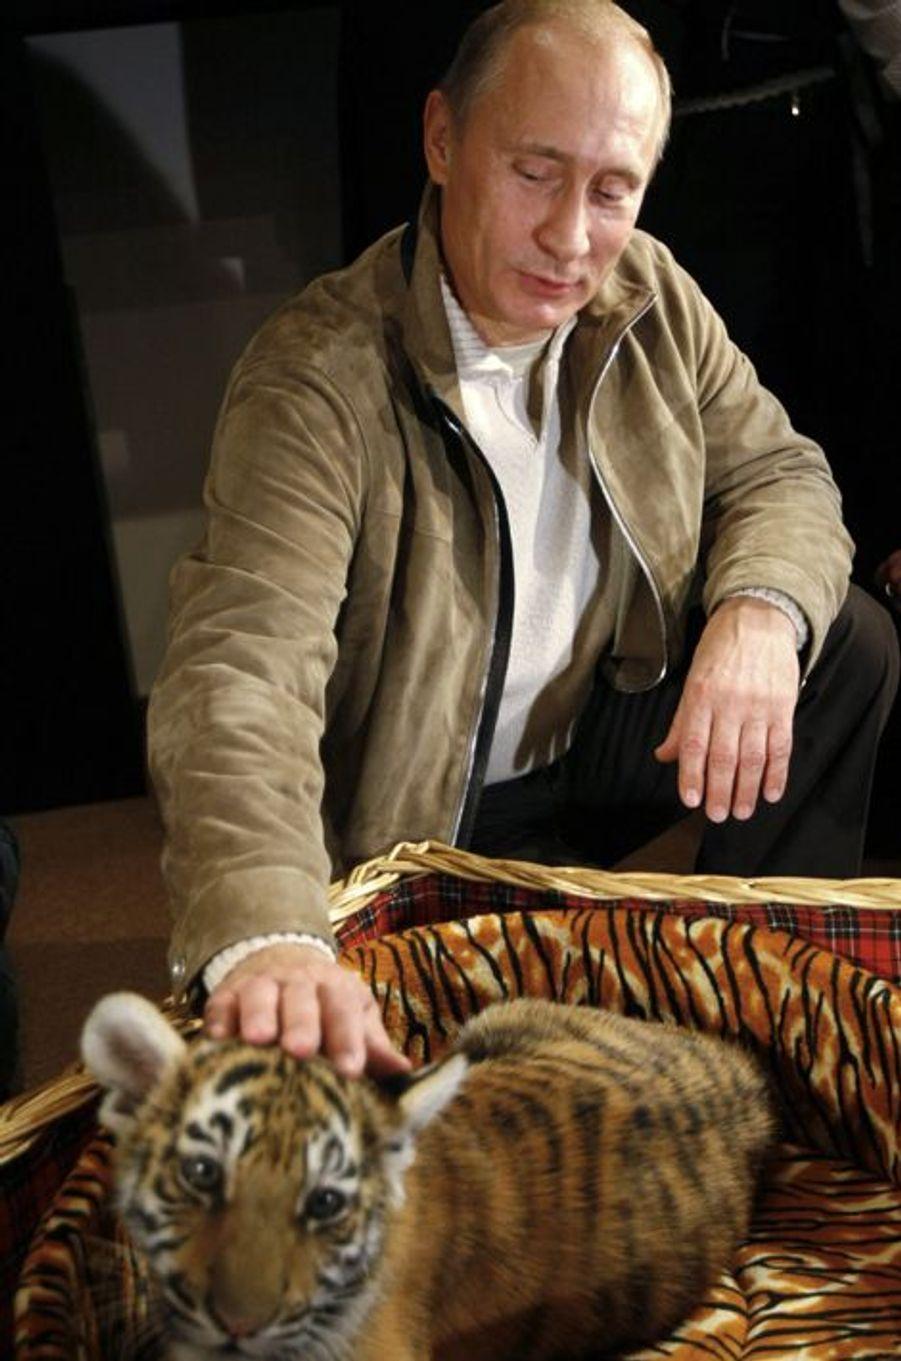 Vladimir Poutine caresse le tigre reçu pour son 58ème anniversaire, en octobre 2010